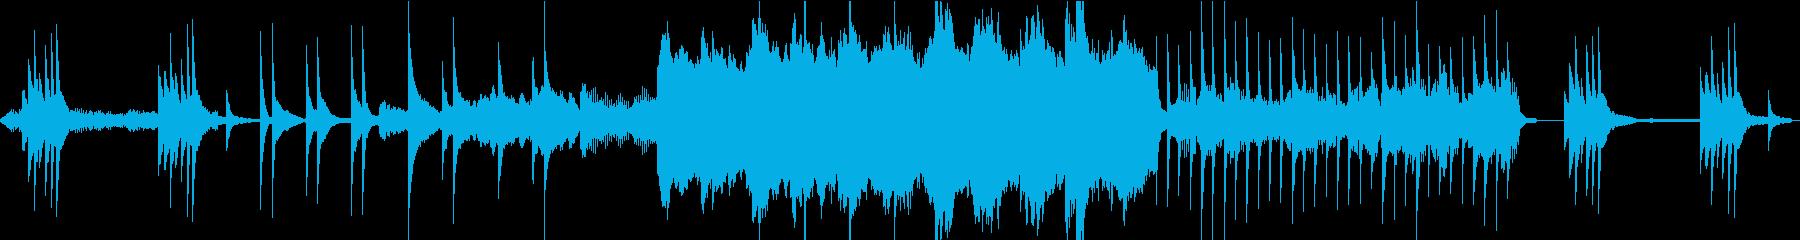 夜・幻想的な星々/温もりヴァイオリンLの再生済みの波形